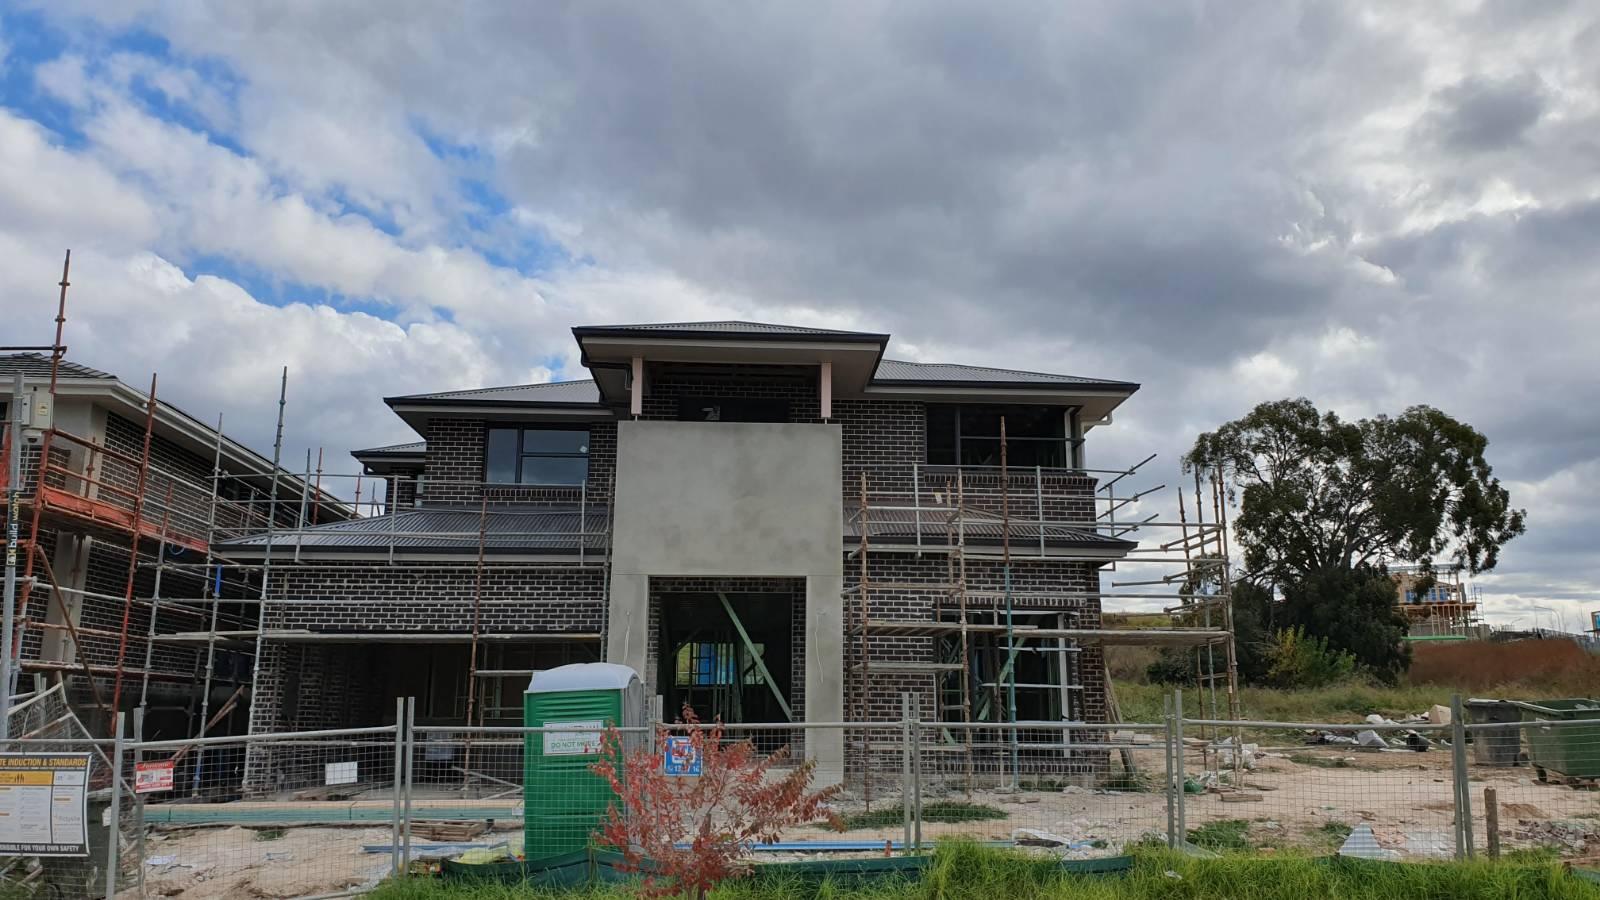 Building Windsor 40 with Eden Brae (Caddens)